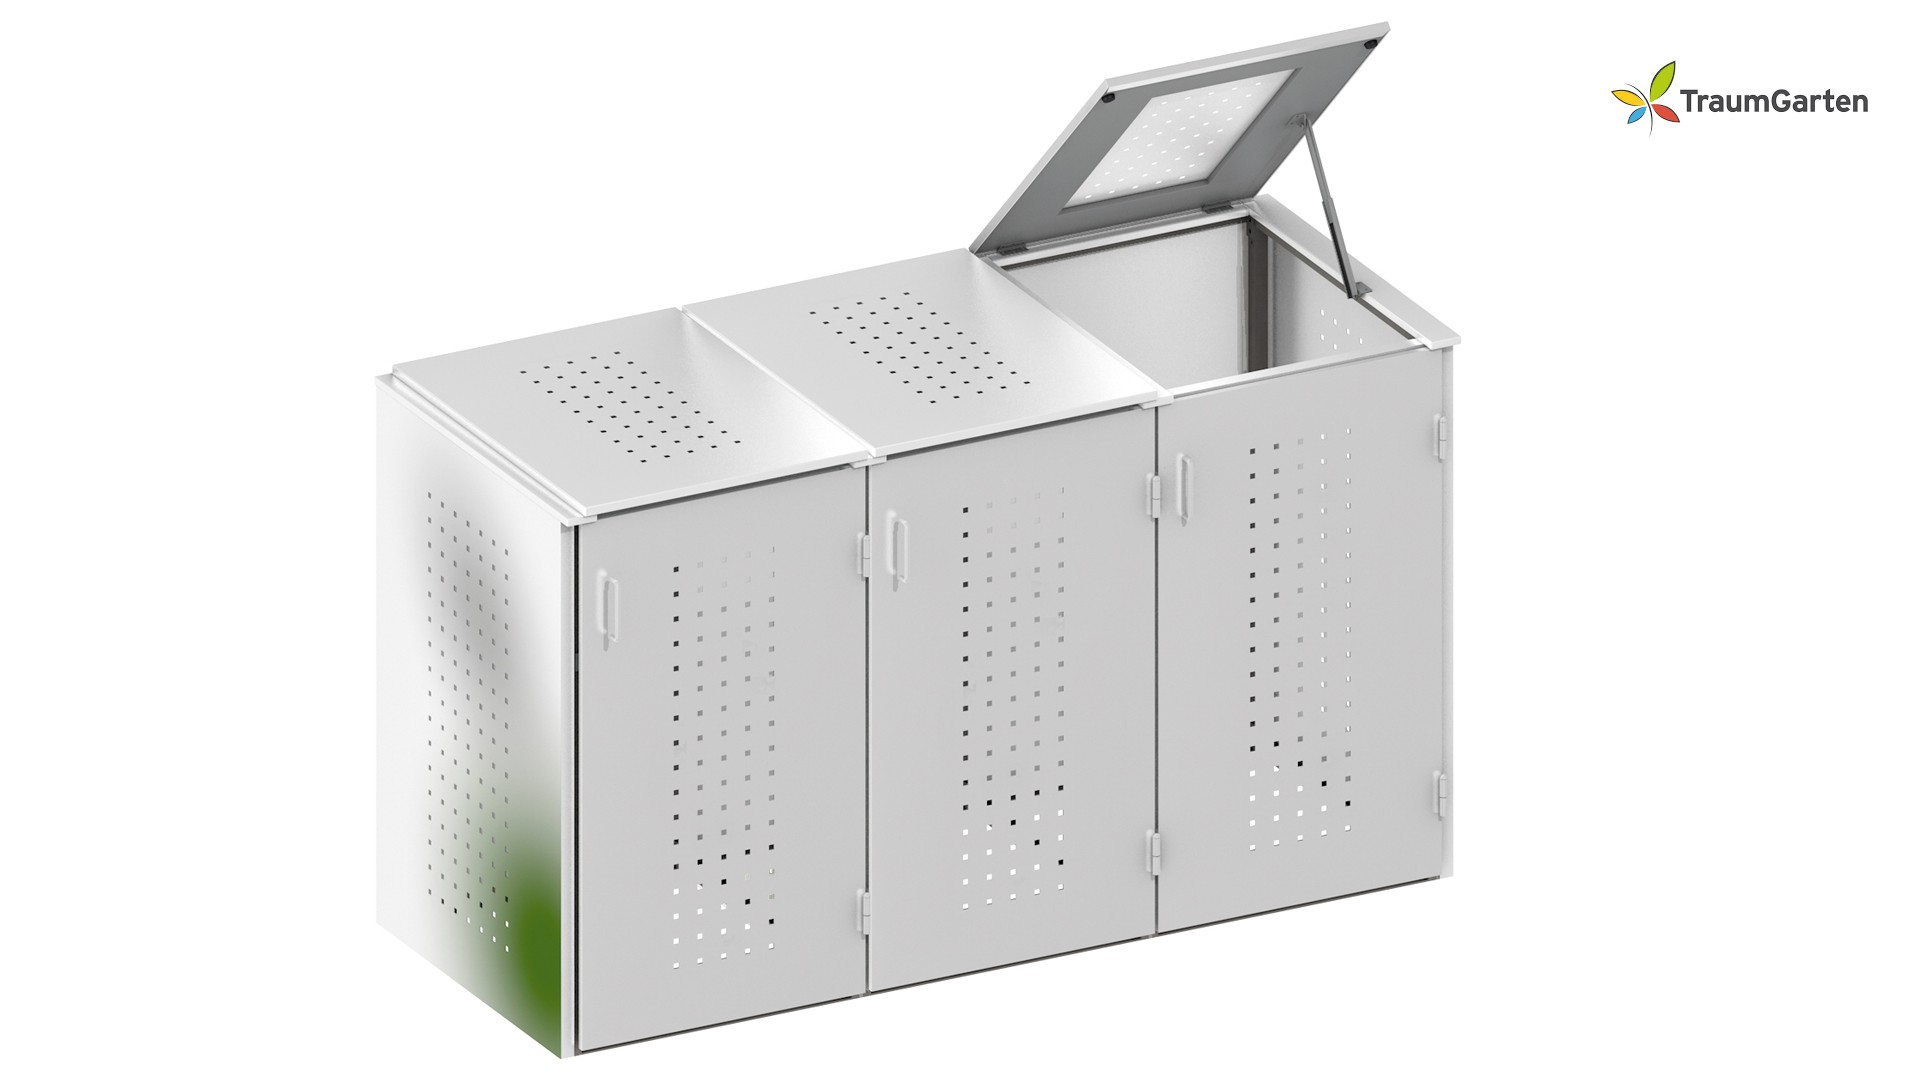 binto 3er mülltonnenbox mit klappdeckel